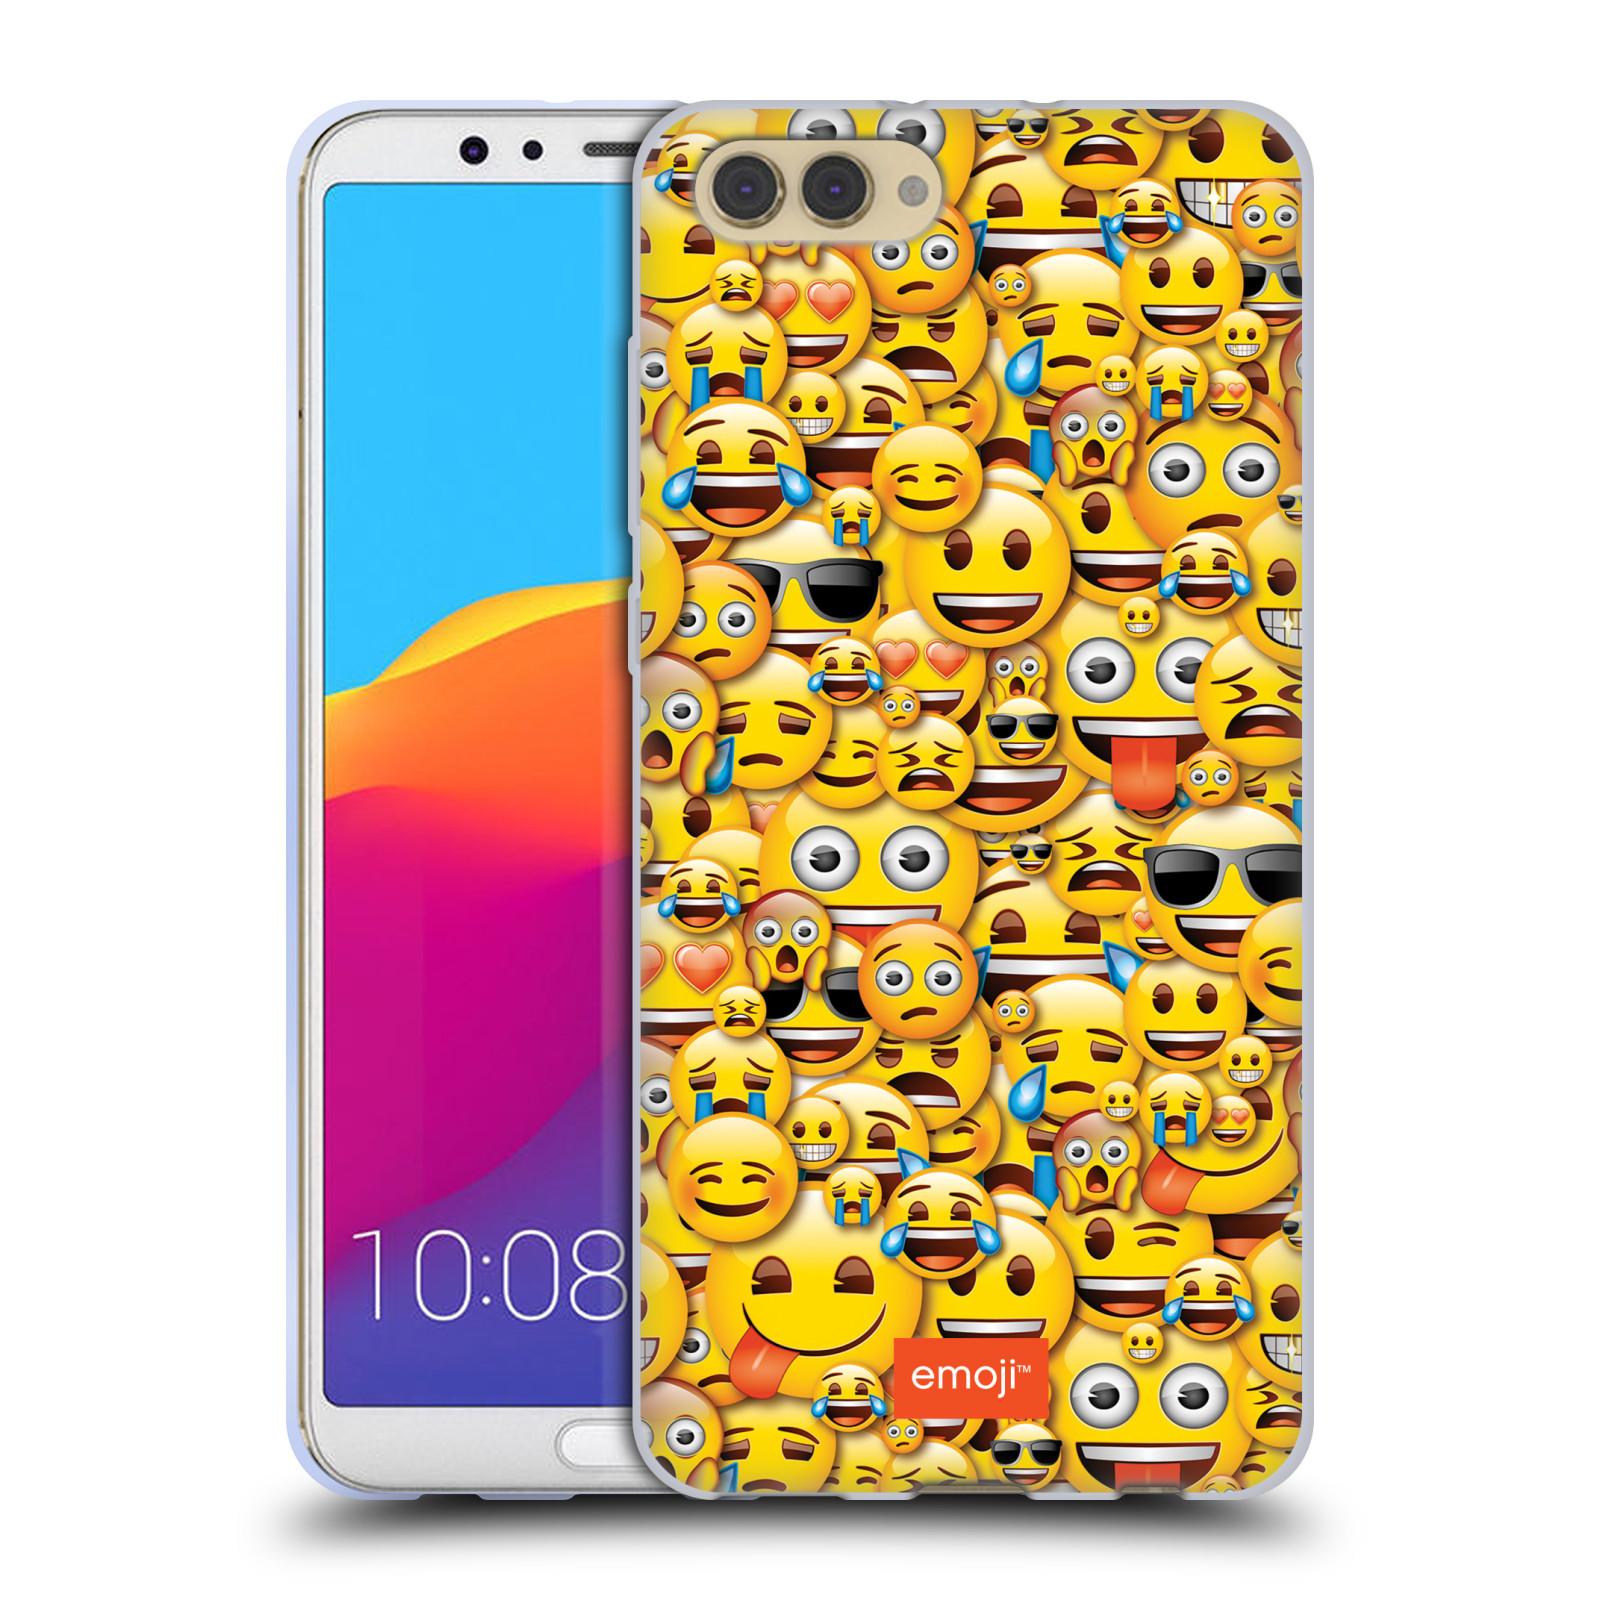 HEAD CASE silikonový obal na mobil Huawei HONOR VIEW 10 / V10 smajlíci oficiální kryt EMOJI vzor smajlící žlutá hromada